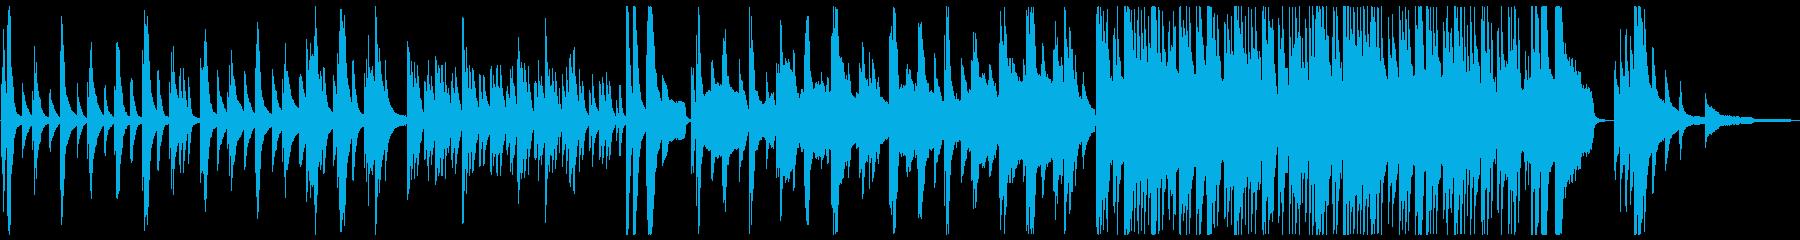 綺麗でノスタルジックなピアノアンビエントの再生済みの波形